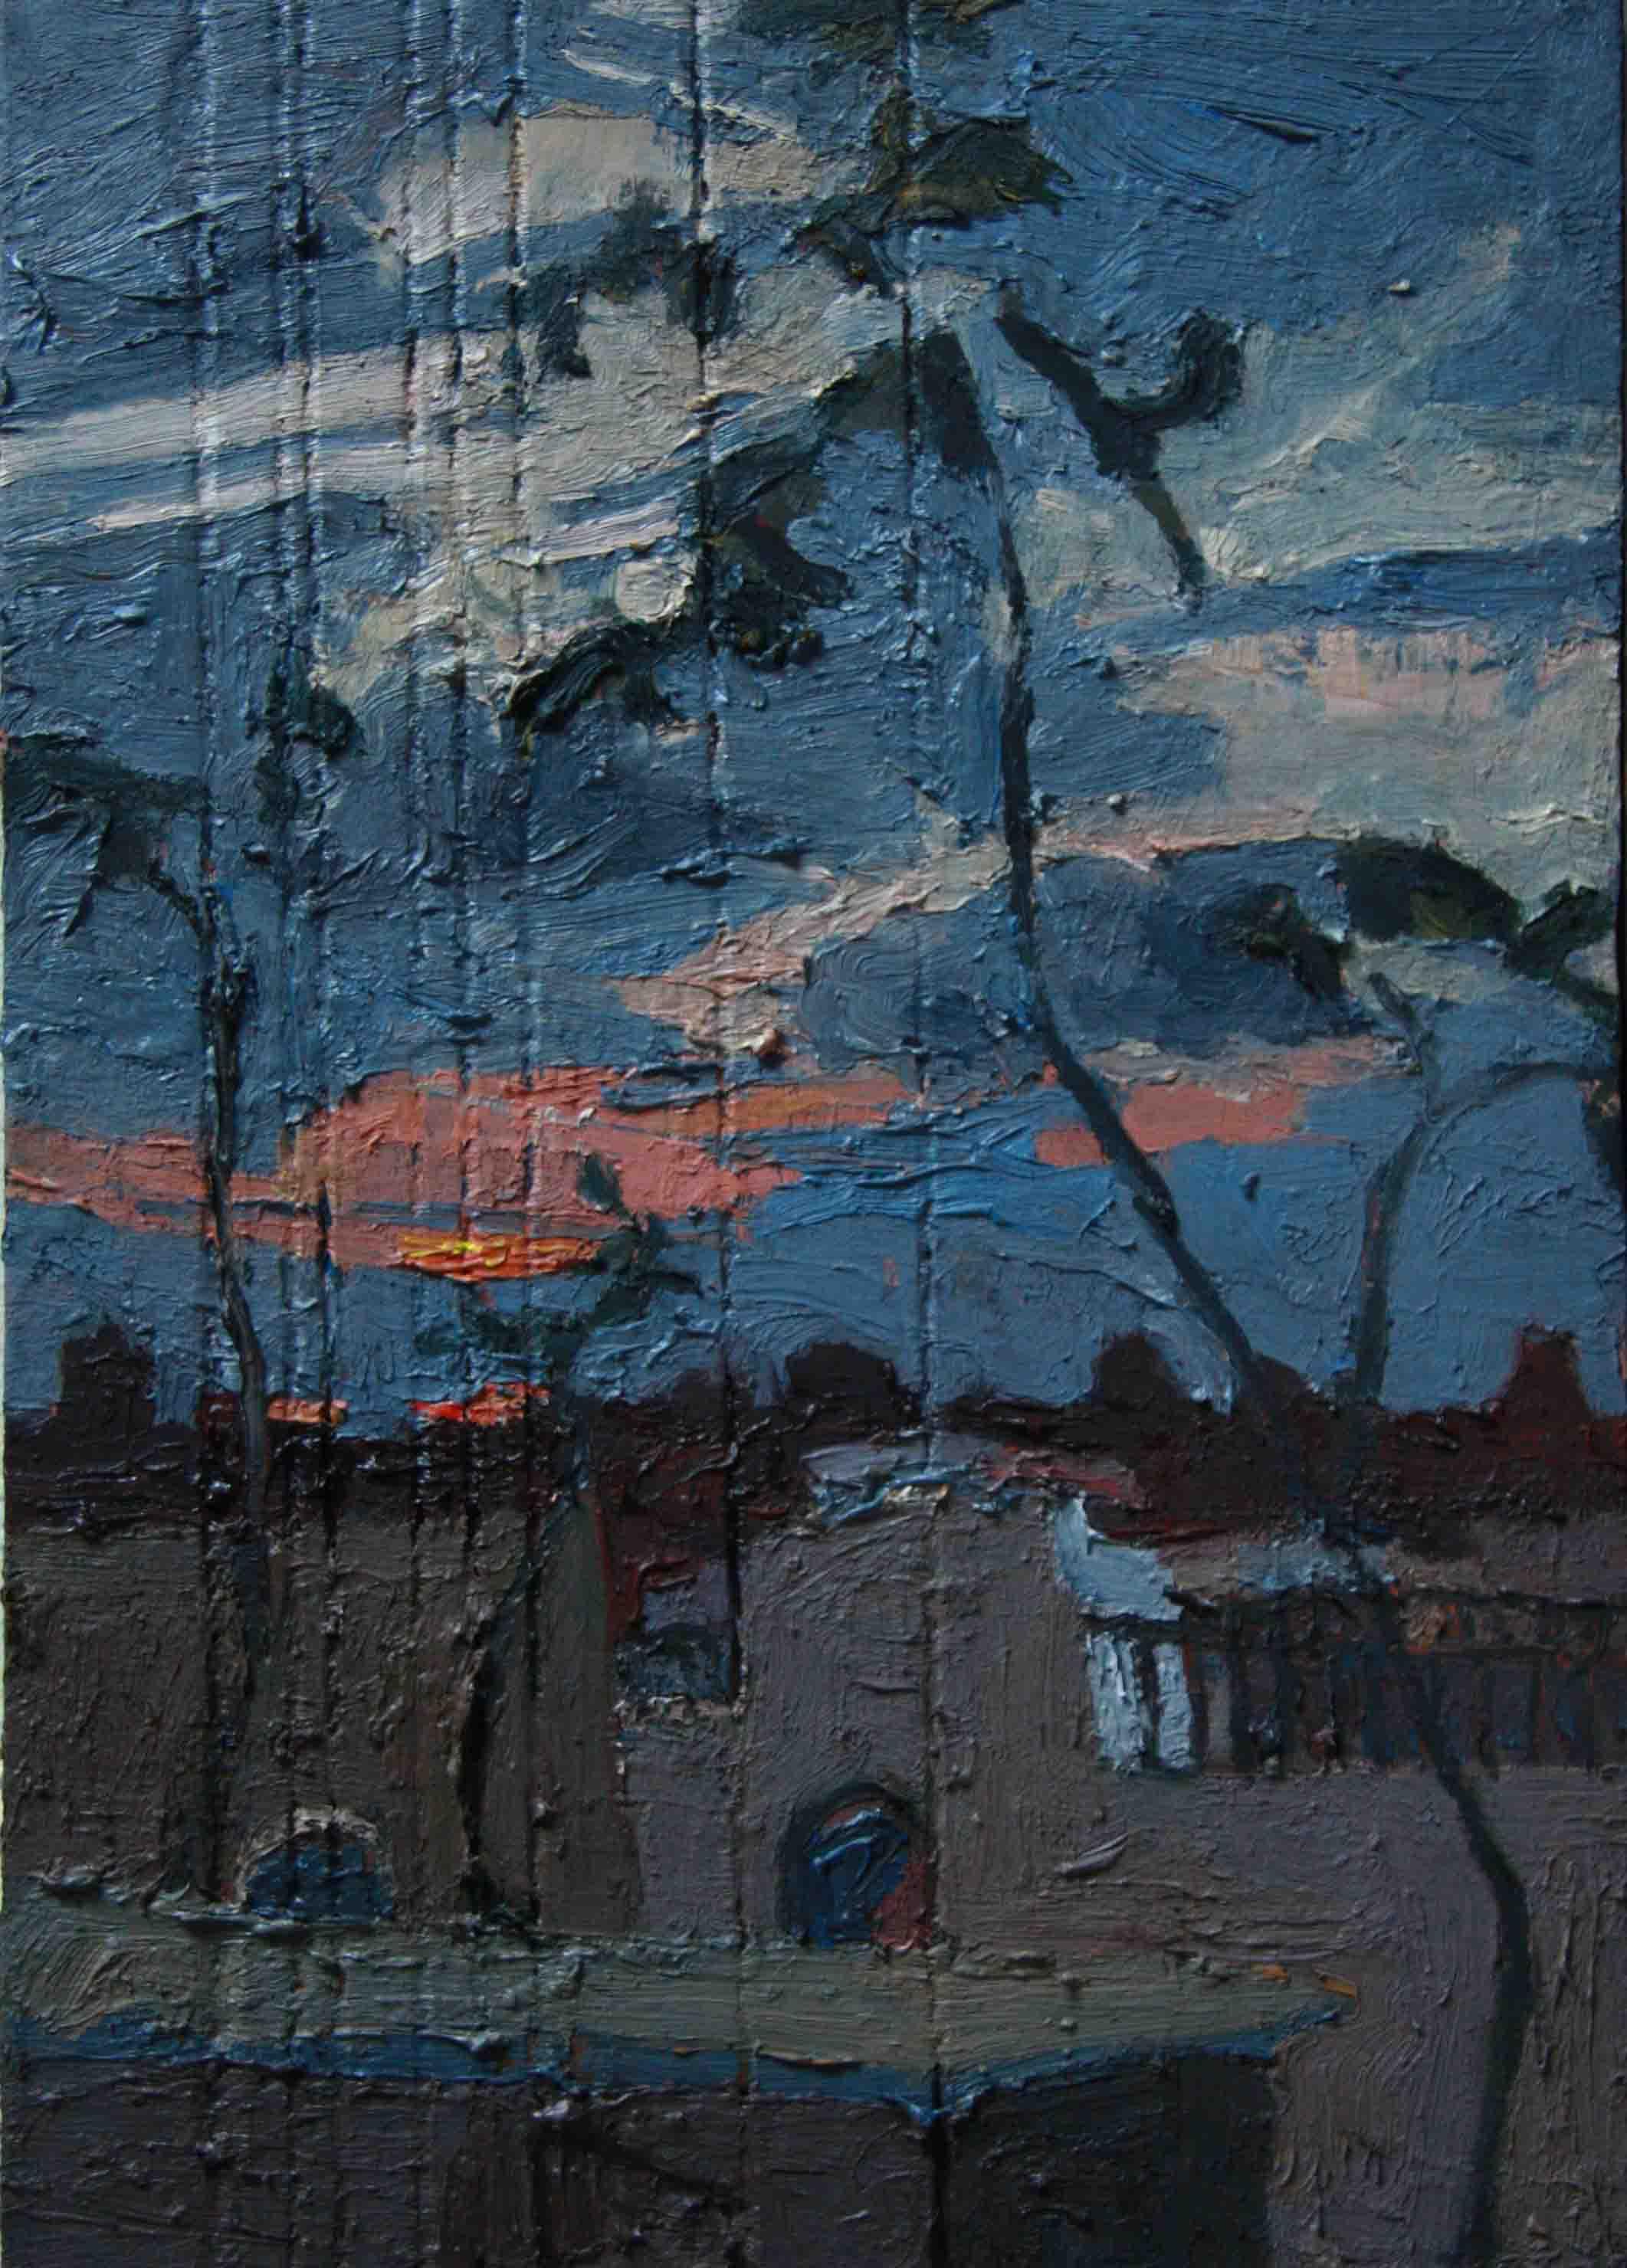 ny-painting-40x25cm_15041074621_o